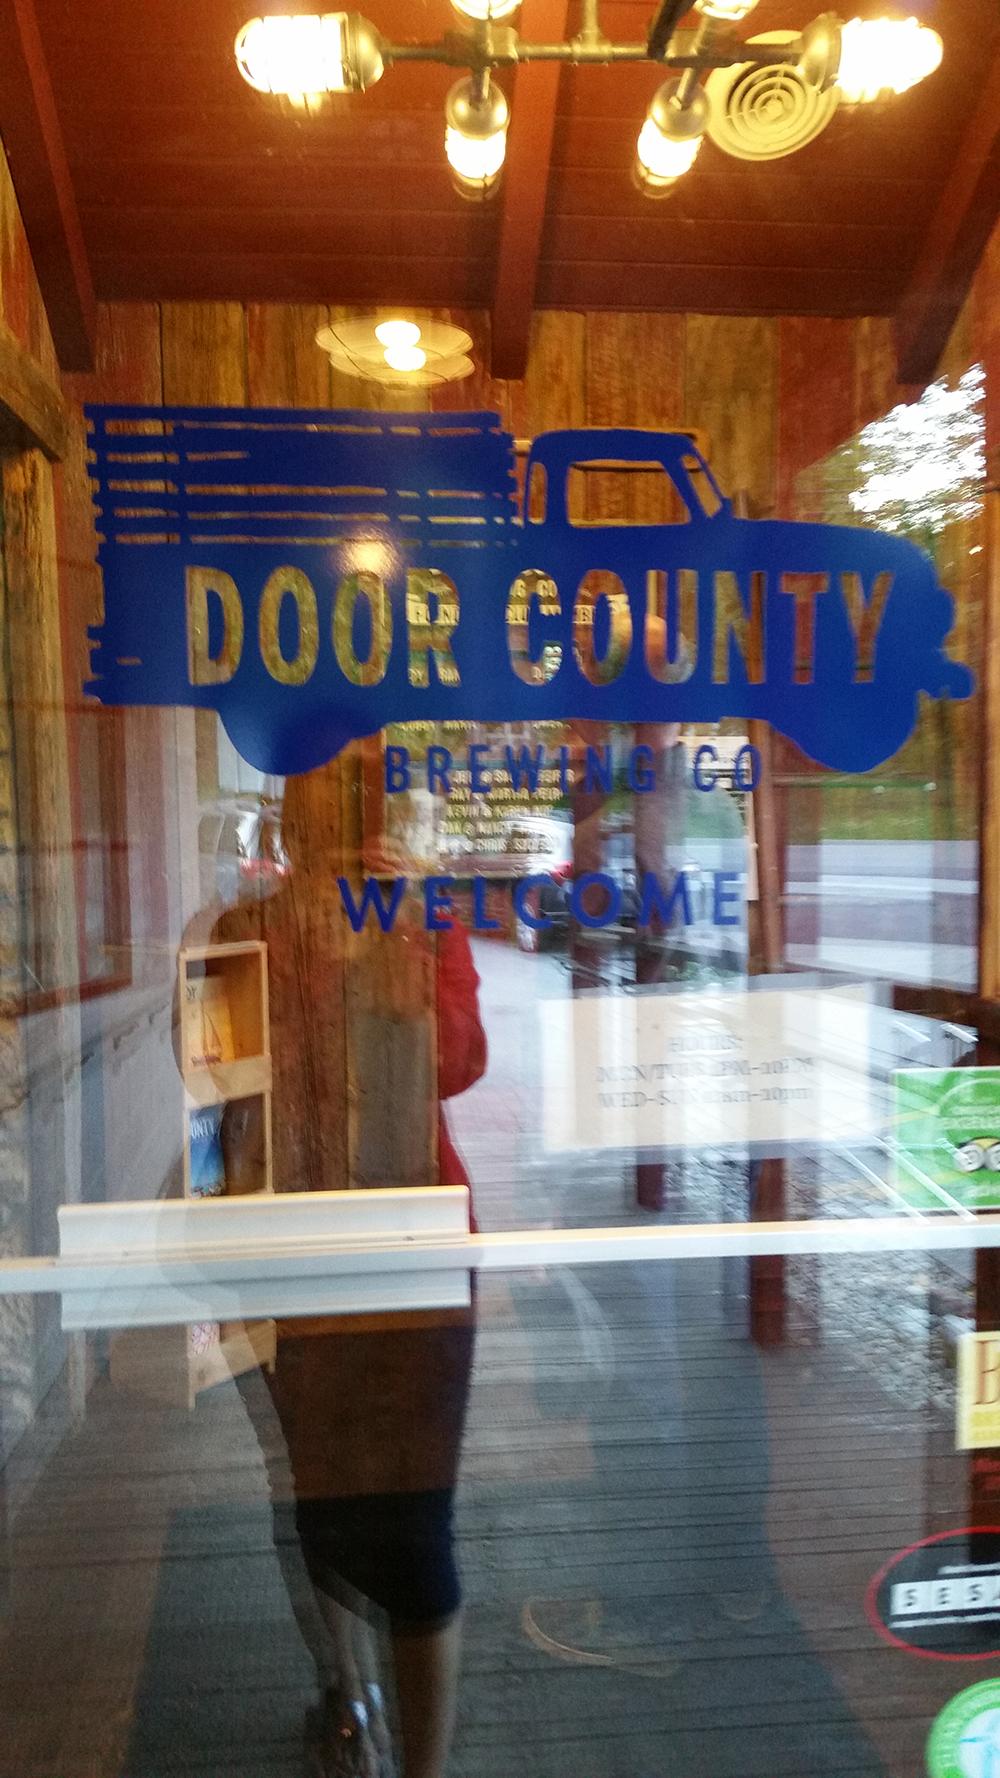 Door County Brewing